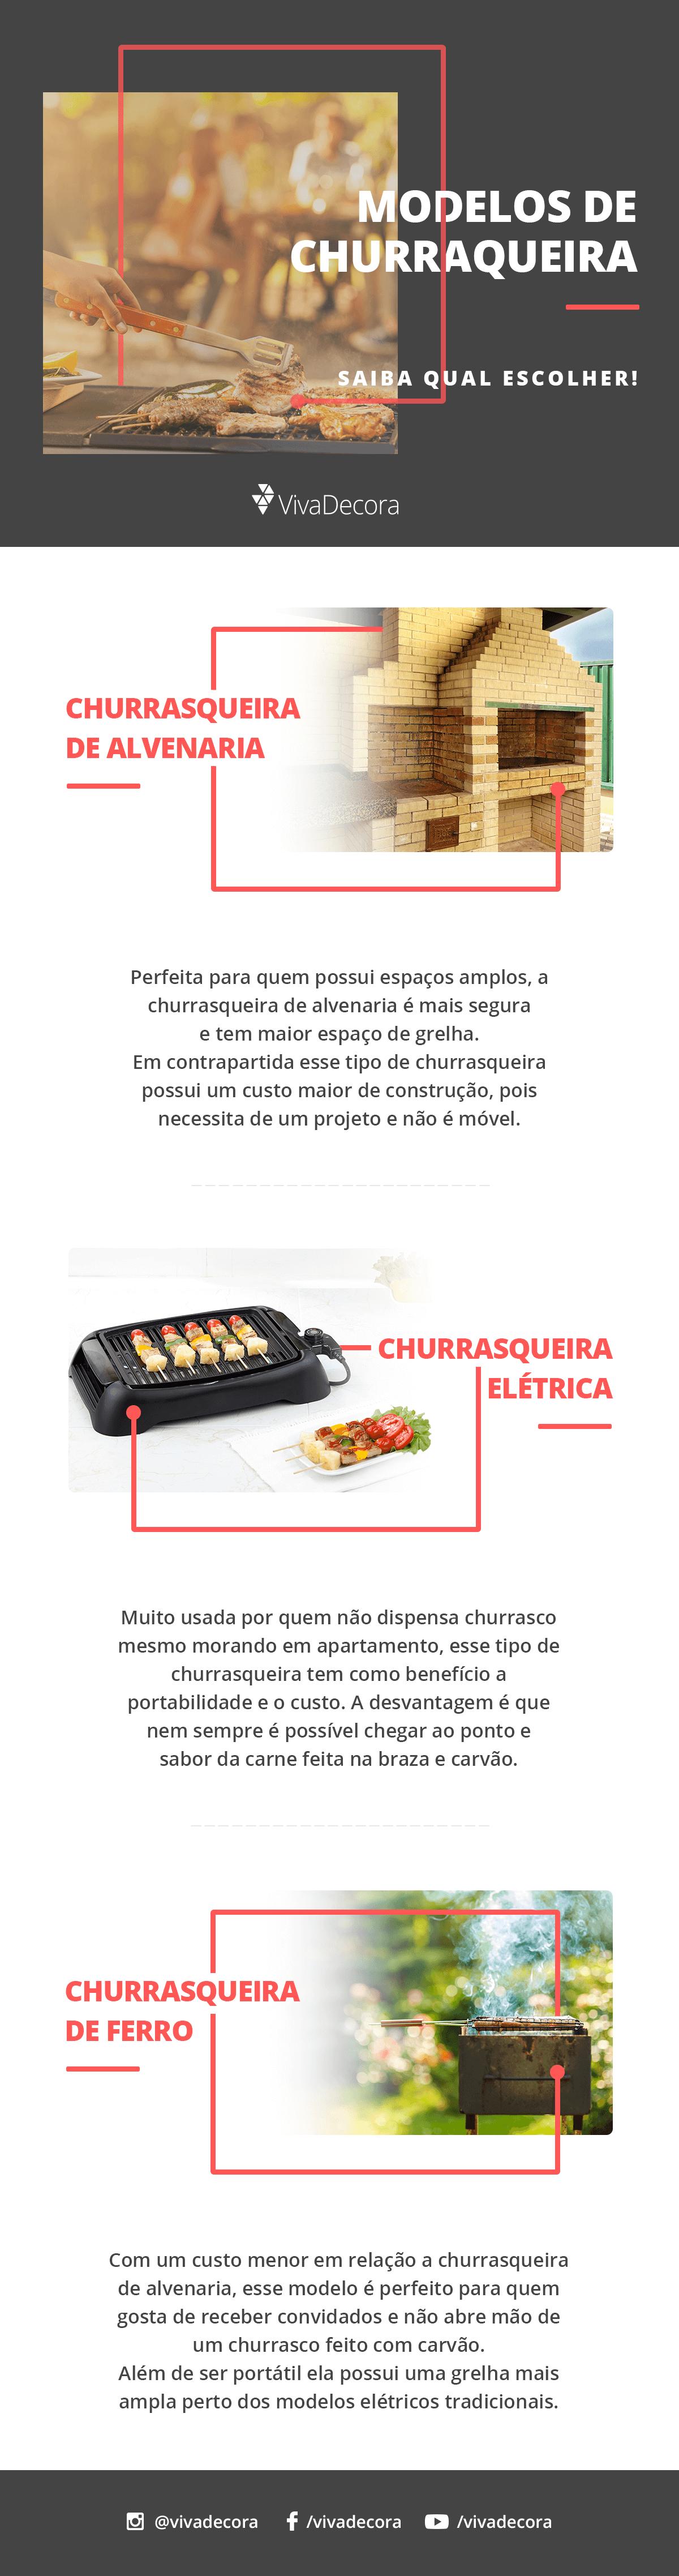 Infográfico - Modelos de Churrasqueira